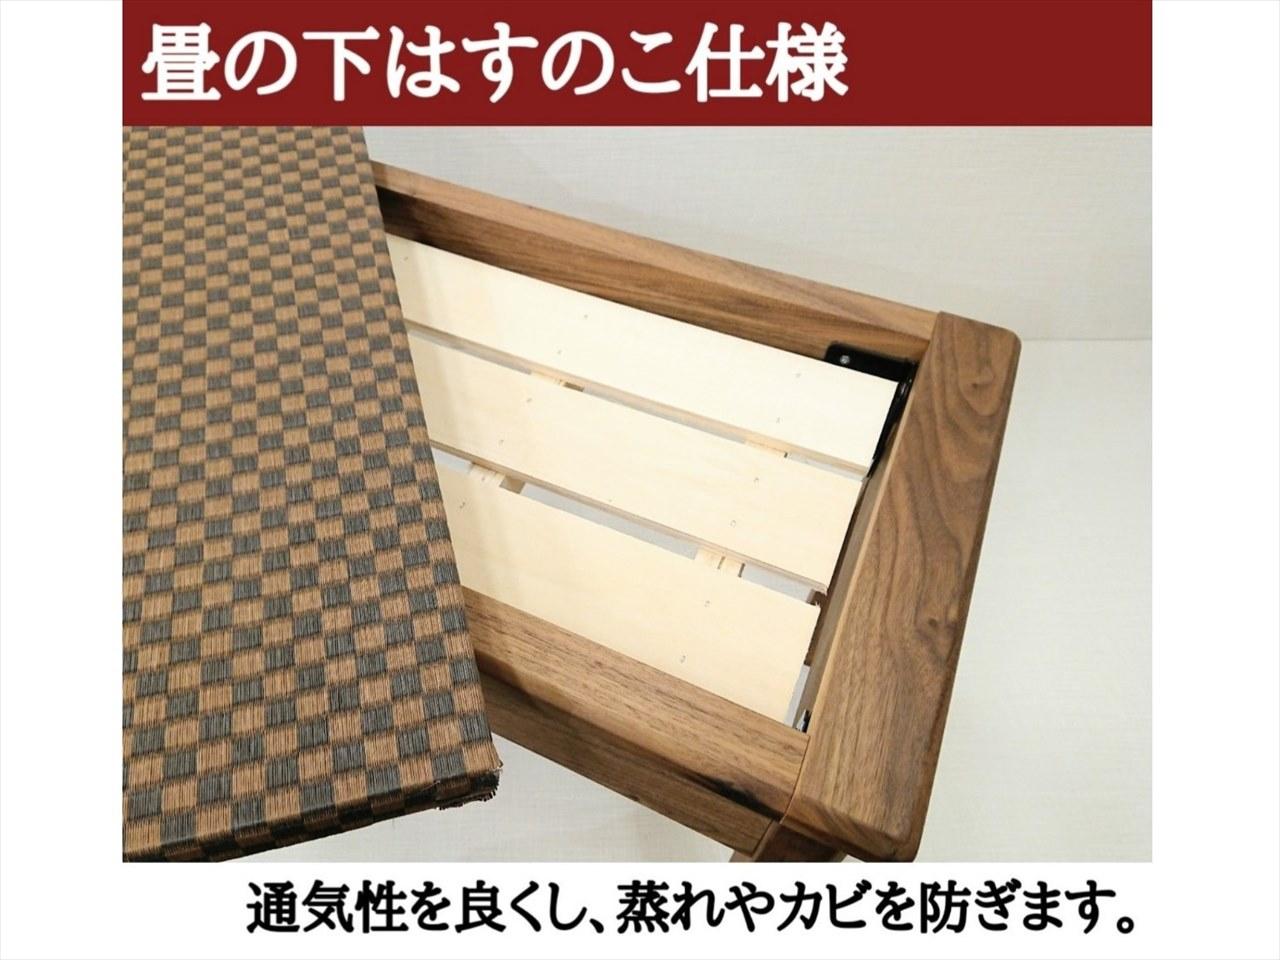 畳ベンチ 集 ウォールナット 和紙畳 長椅子 Sサイズ